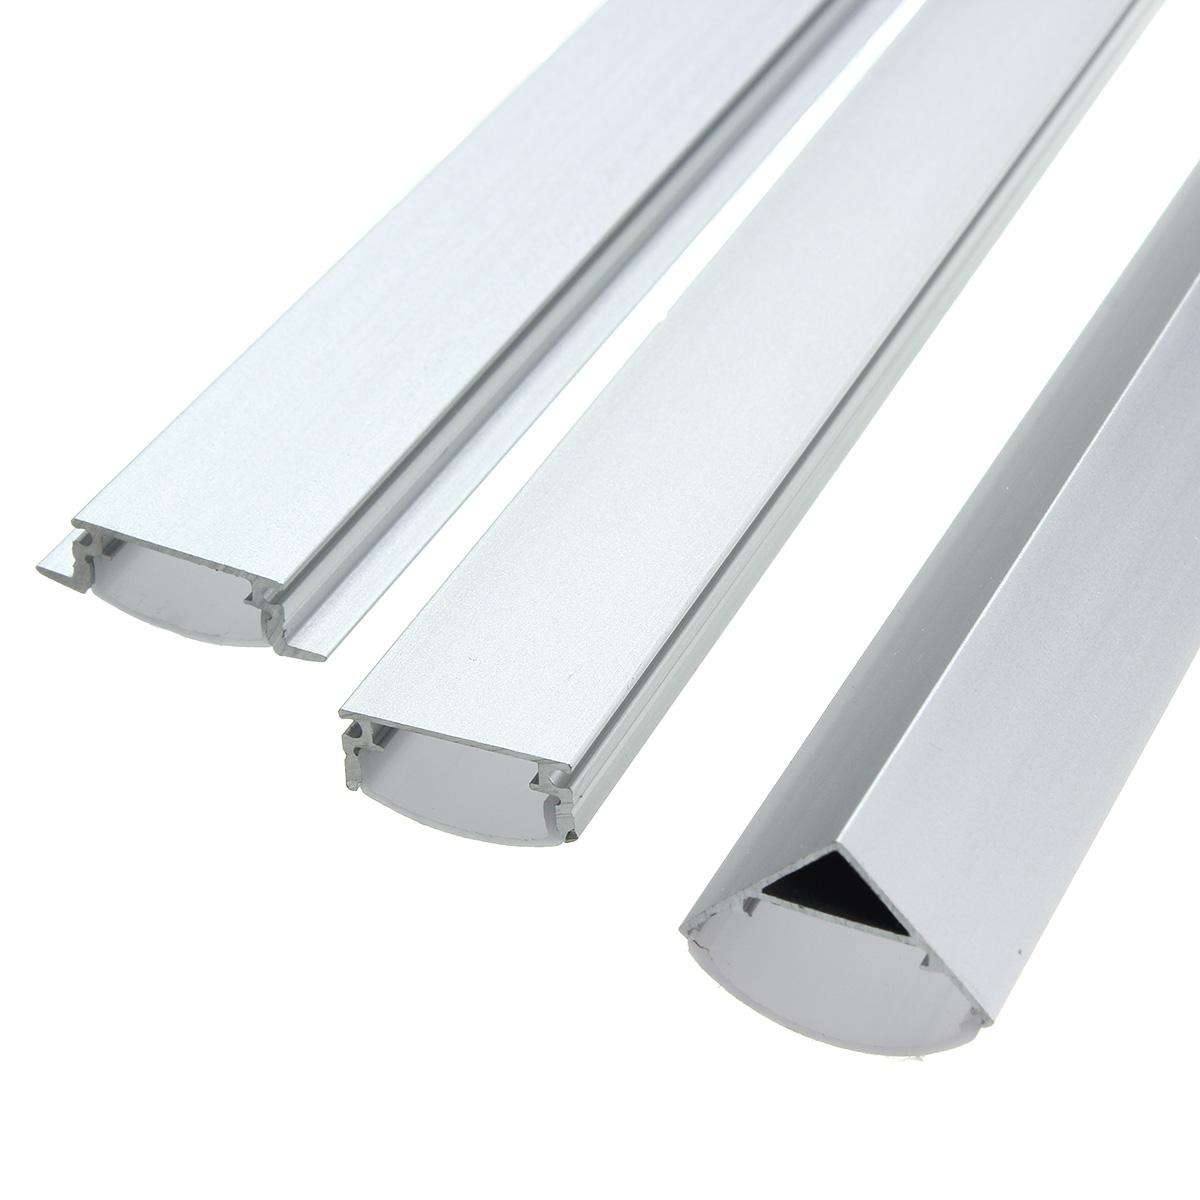 1x 5x 10x Lustreon 50cm Aluminum Channel Holder For Led: 30CM Aluminum Channel Holder For LED Rigid Strip Light Bar